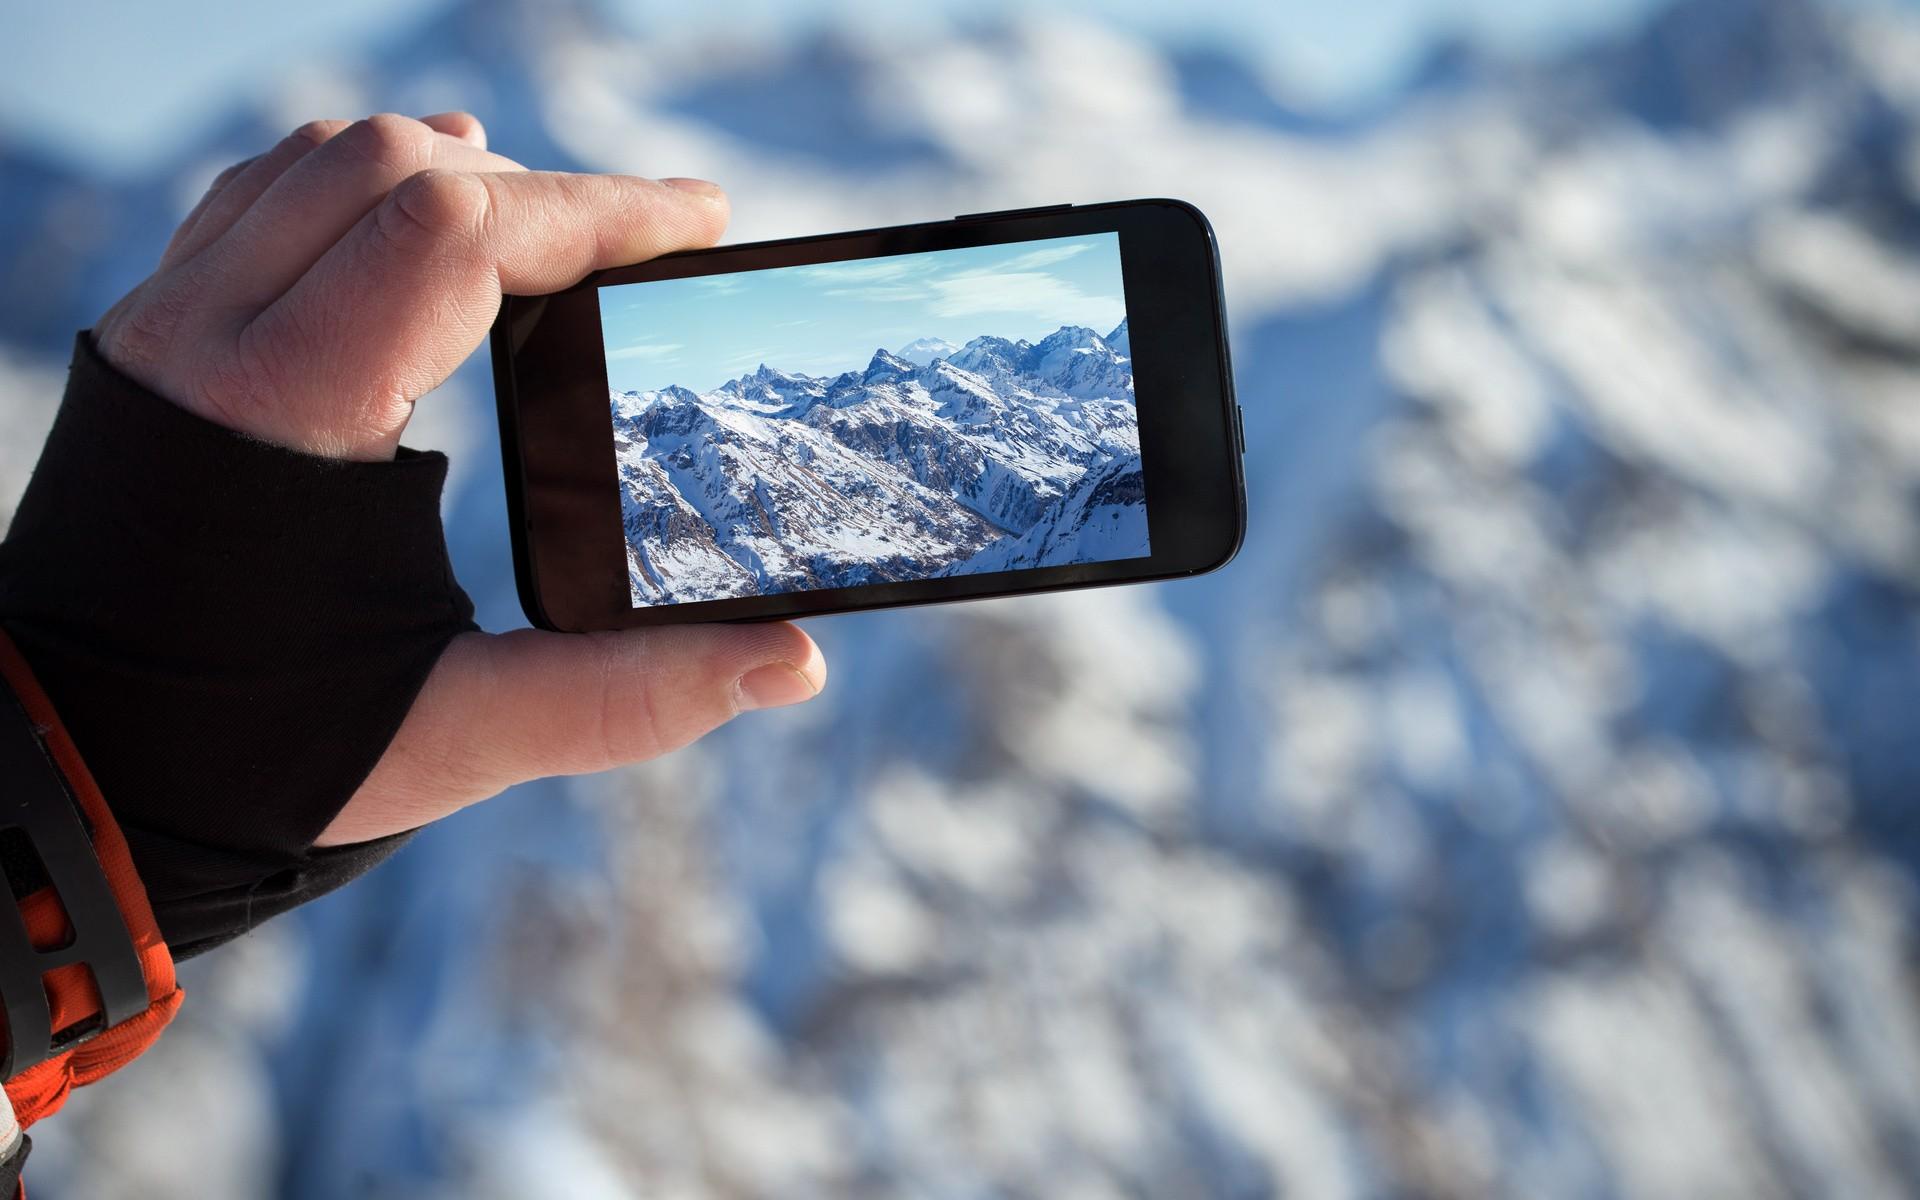 сайт с мобильными картинками